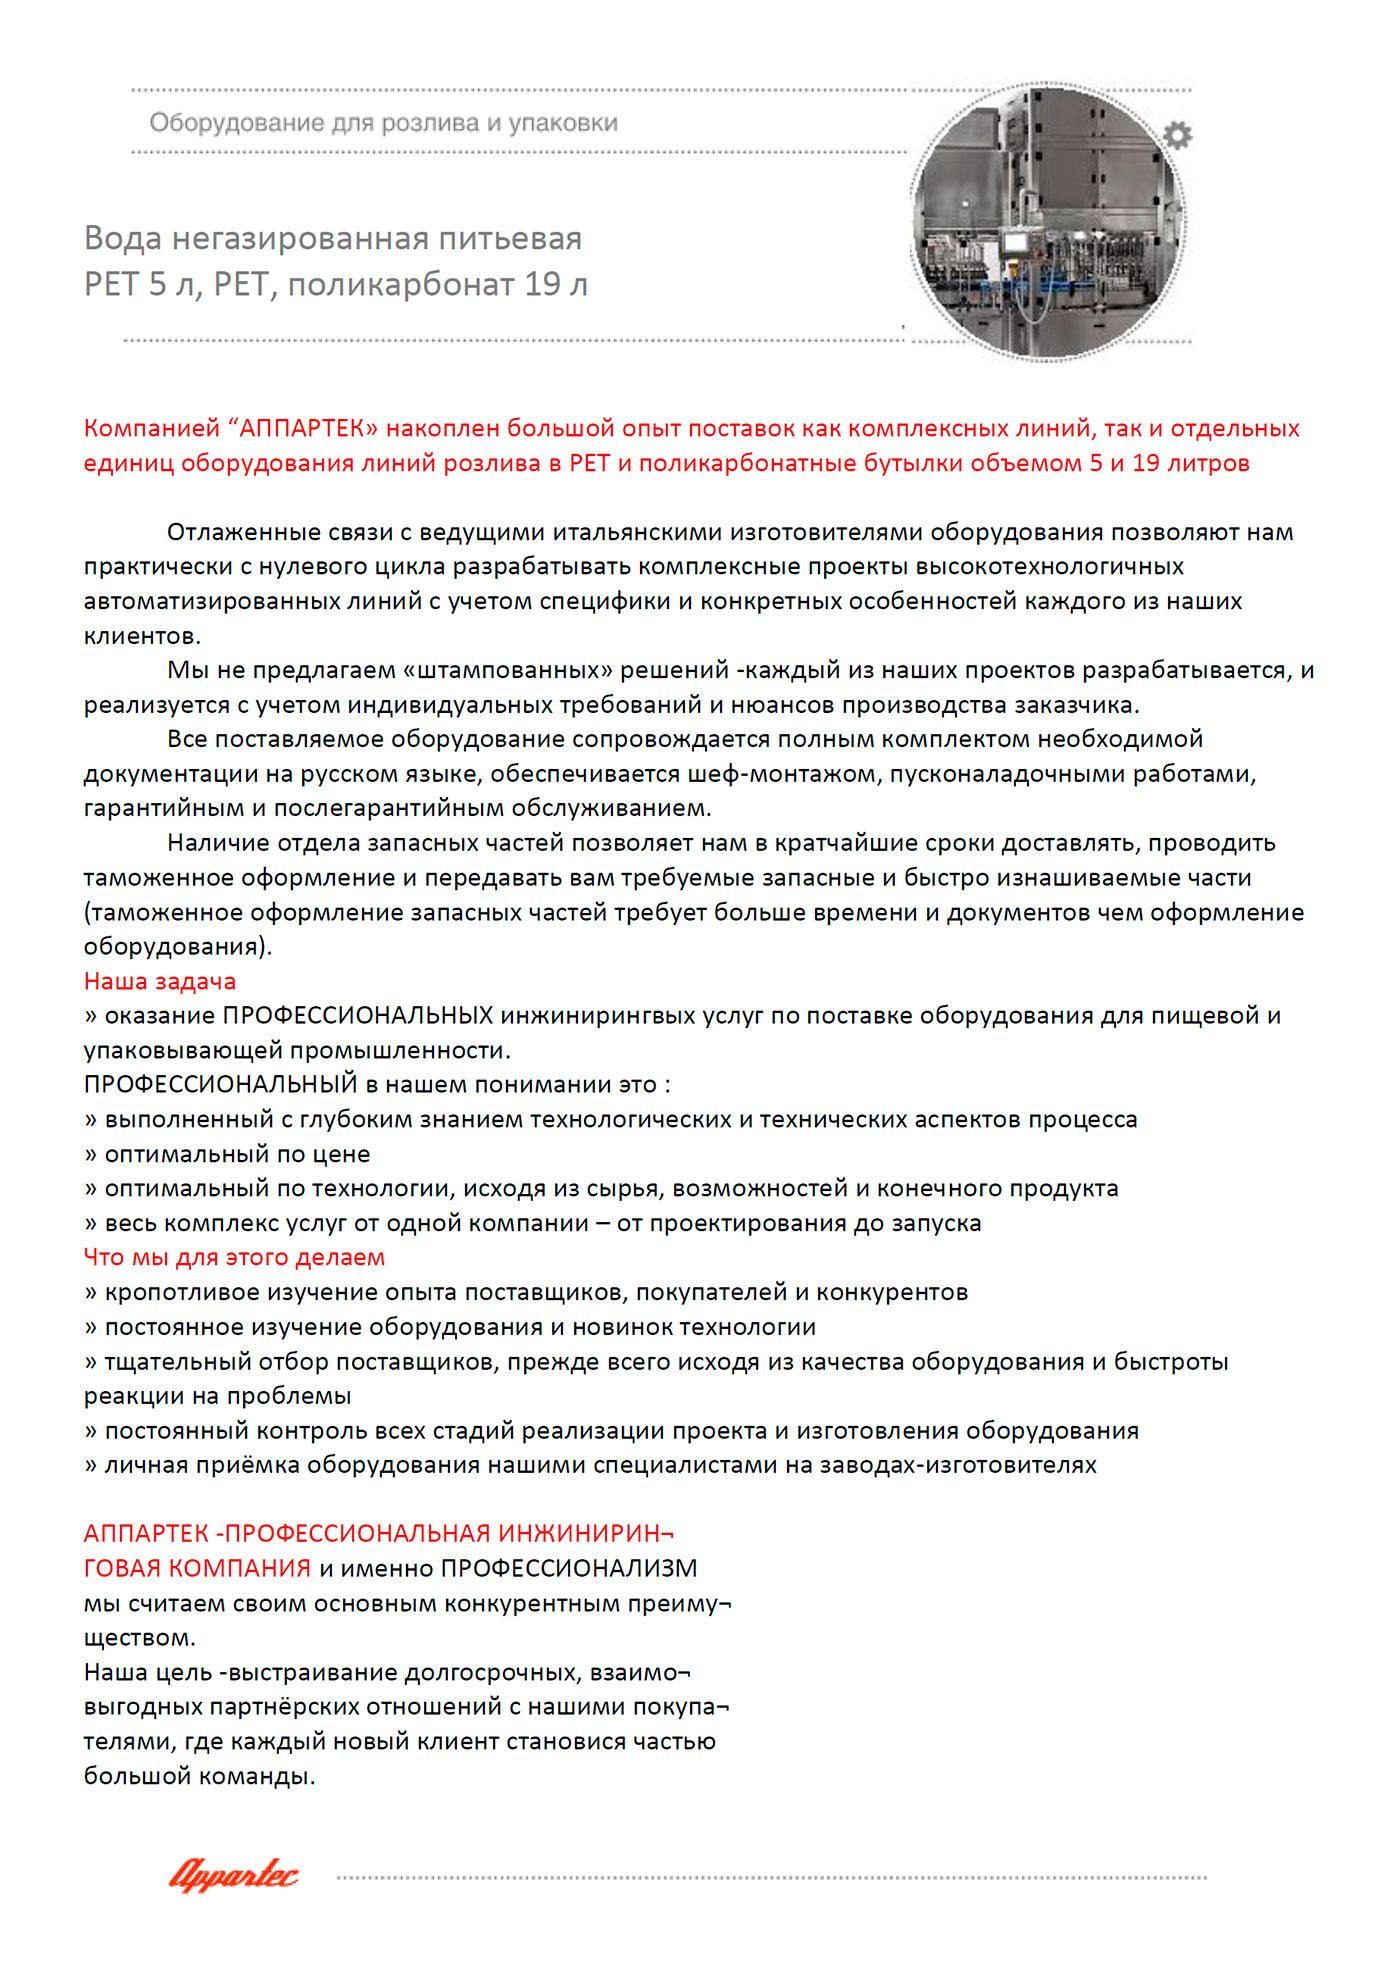 Коды оквэд 2016 - Общероссийский классификатор видов